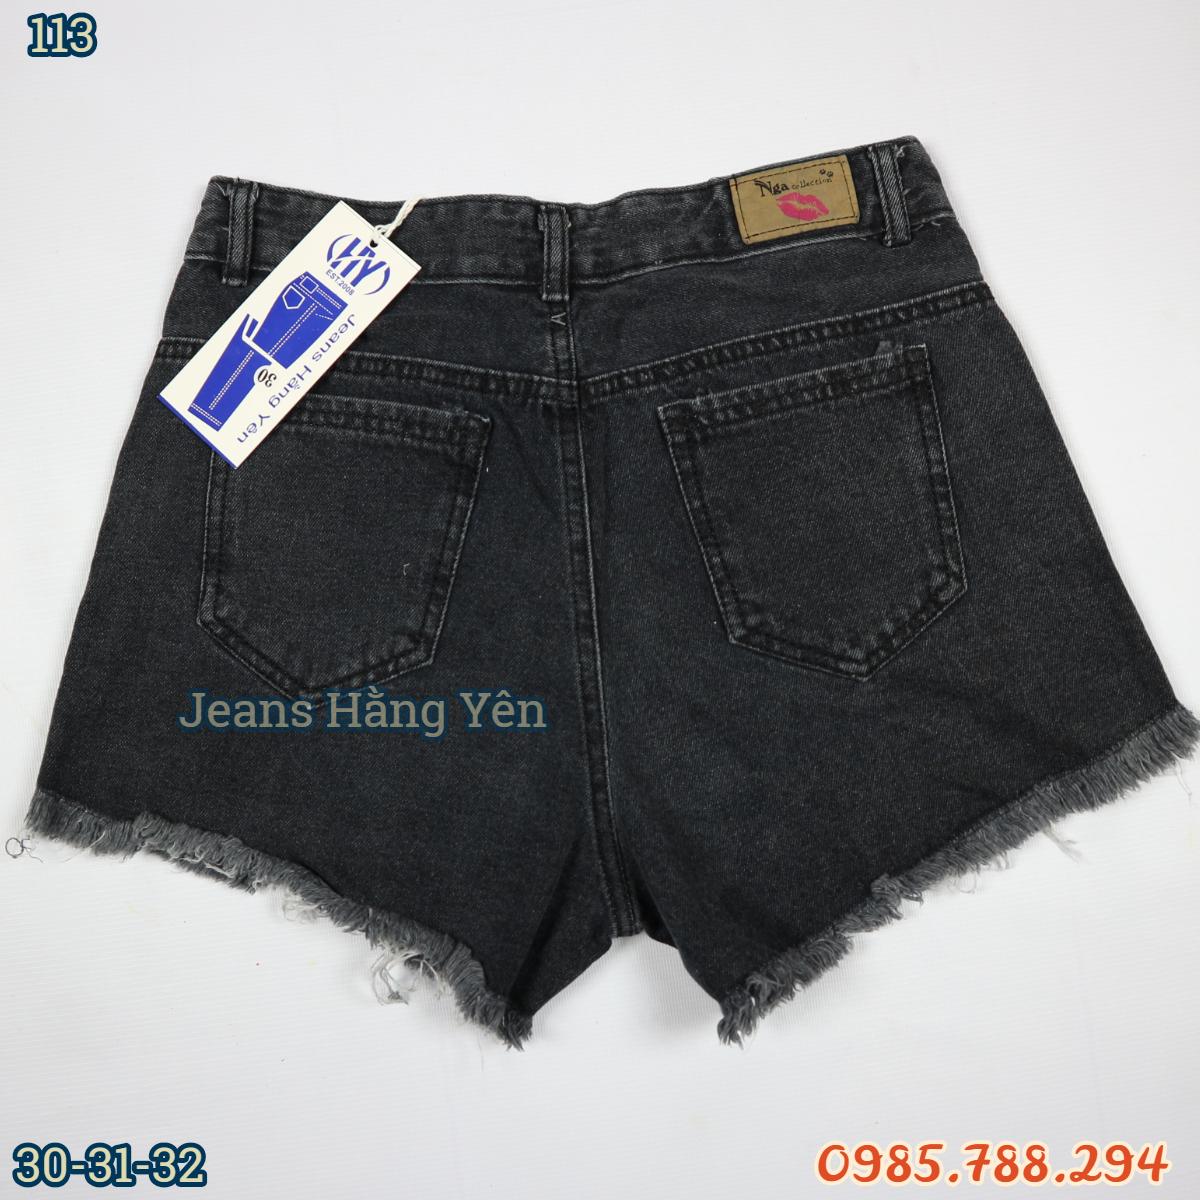 Quần Short Jean Nữ Đen Lưng Cao Size Đại Cào Xước Tua Lai Màu Xám ms 113